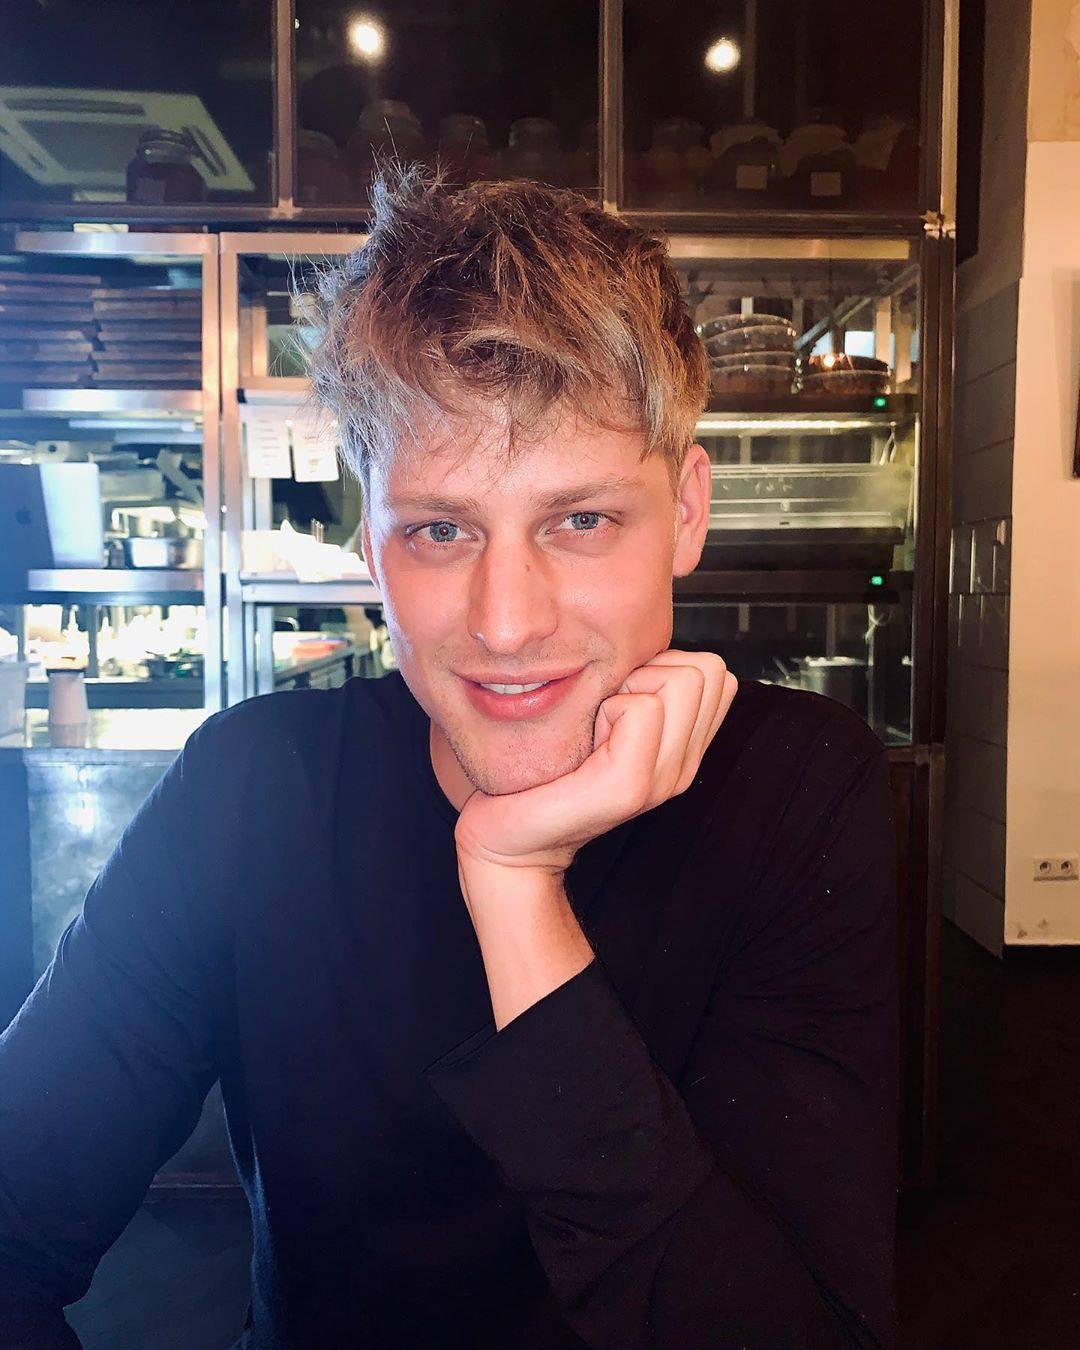 Jakob Kosel po metamorfozie. Jak wygląda?